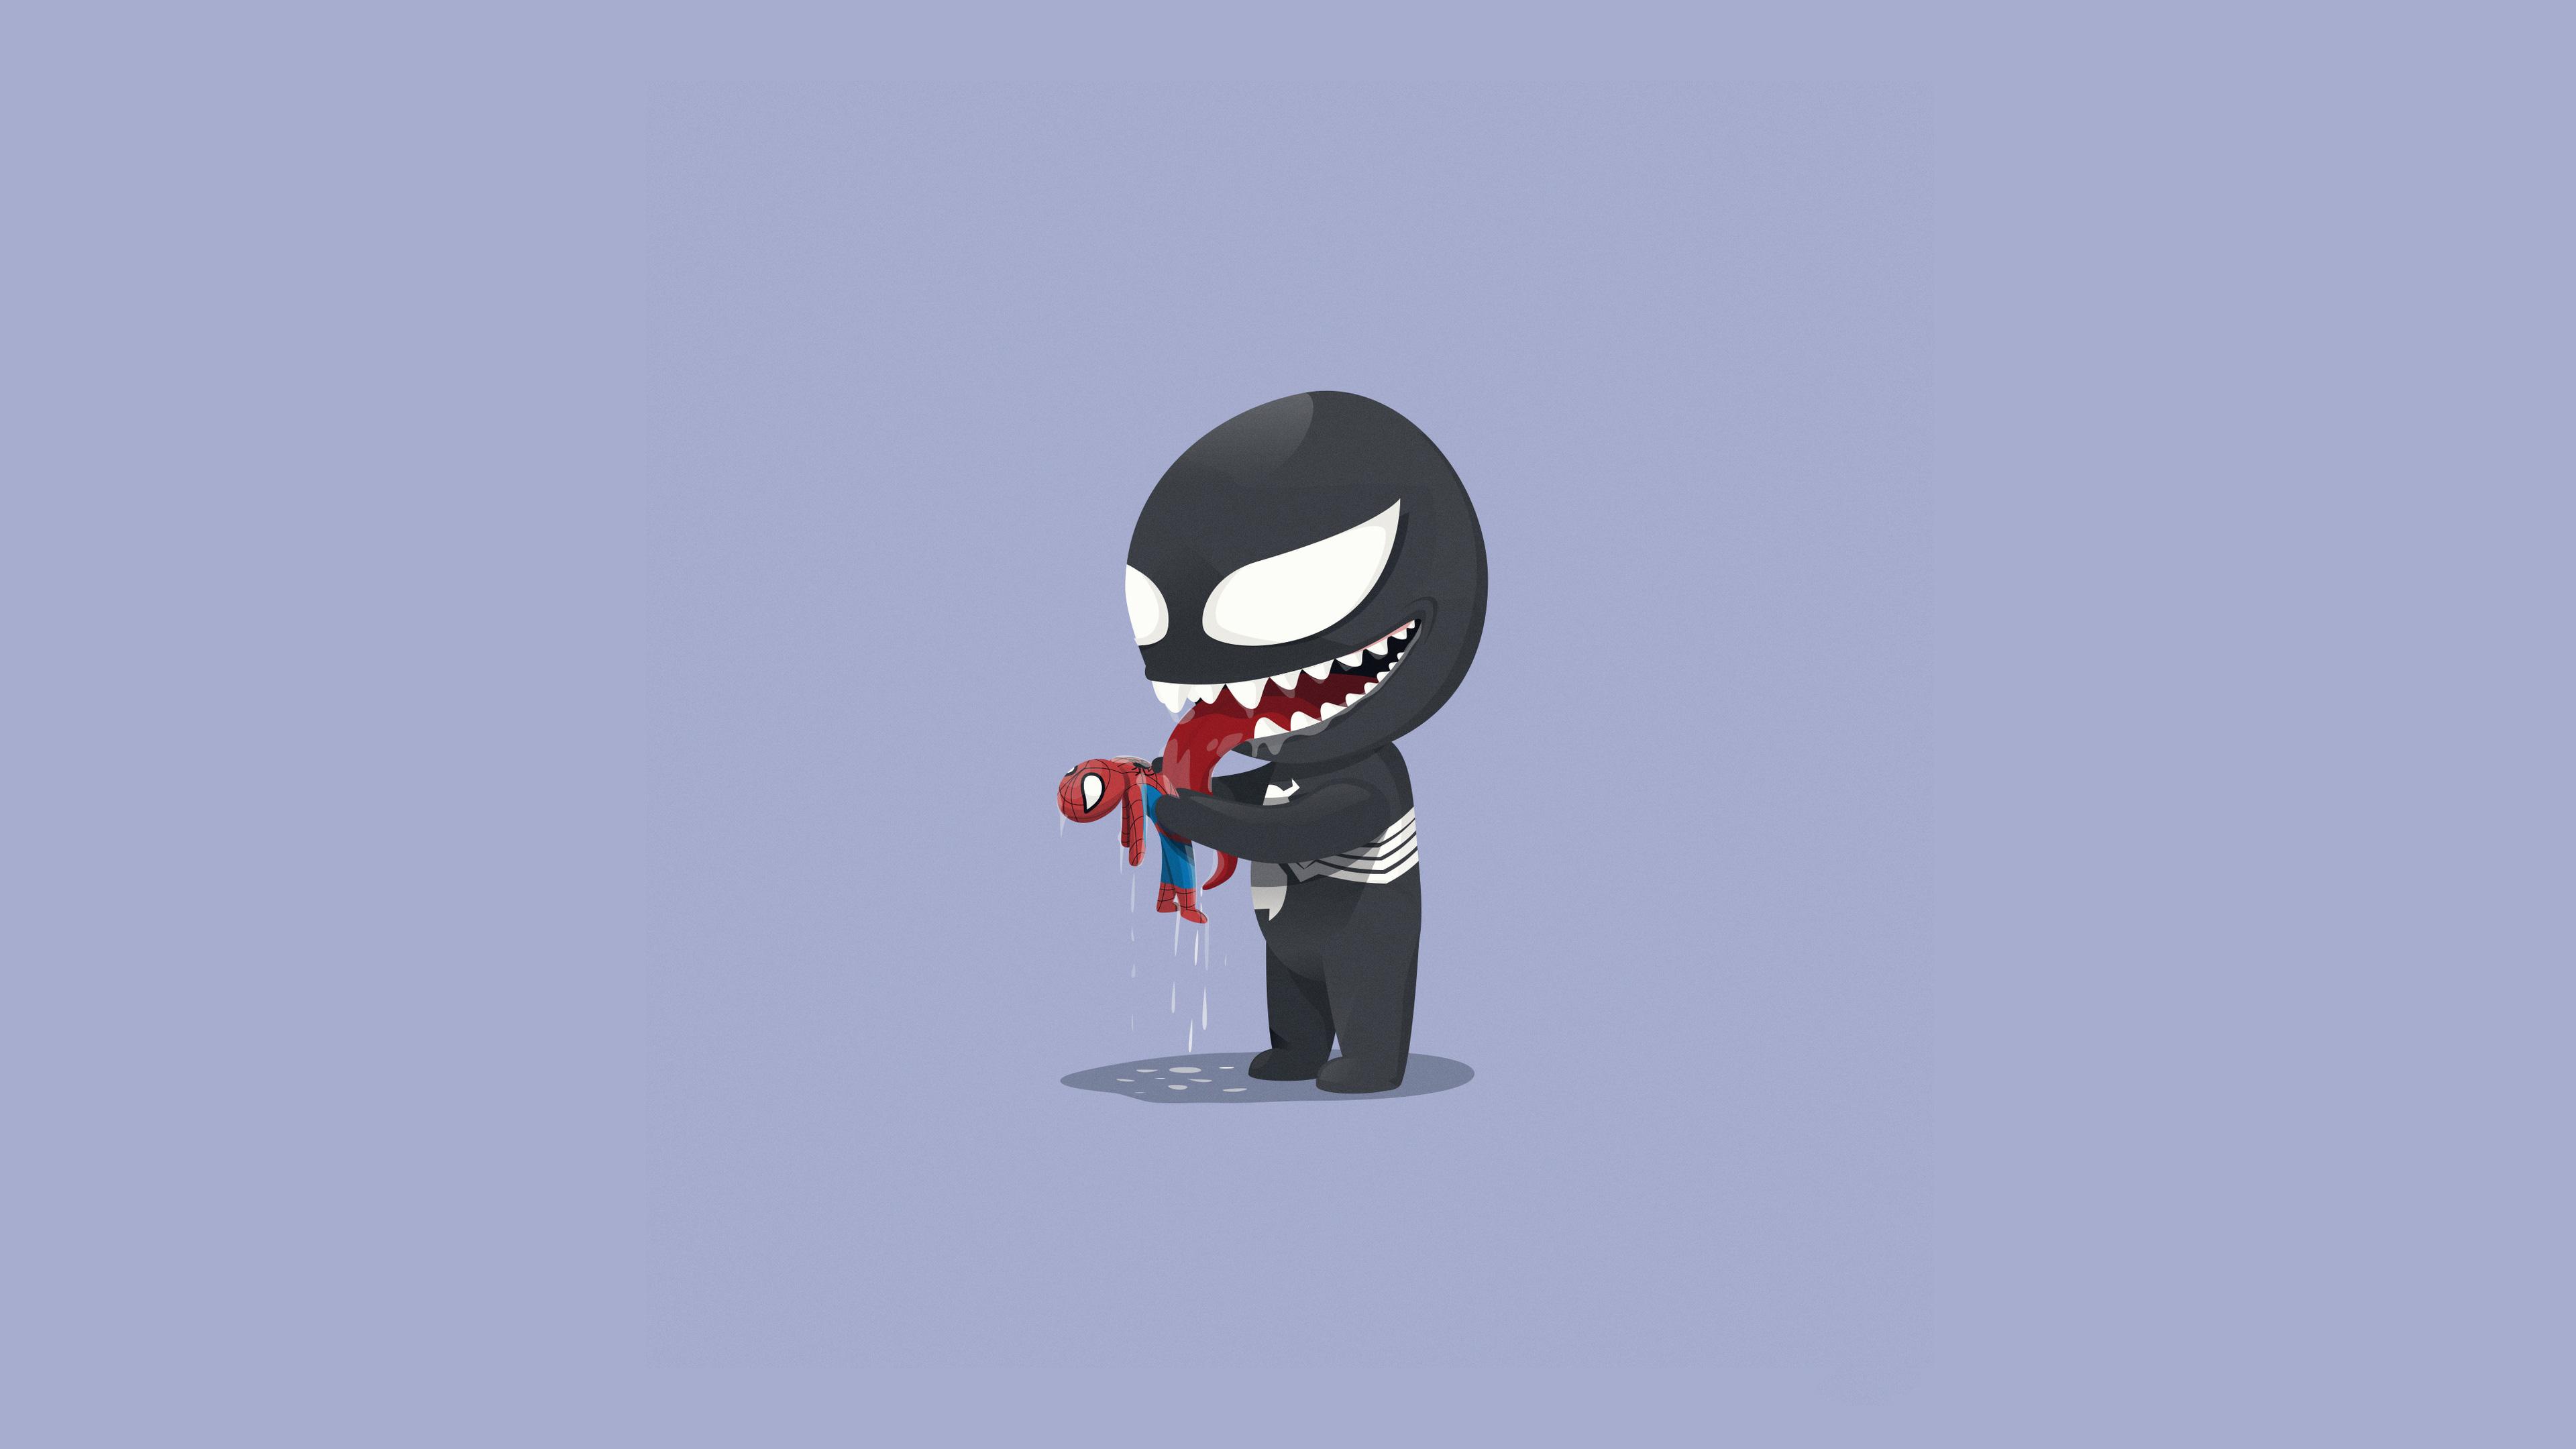 venom playtime with little spidey 1536523725 - Venom Playtime With Little Spidey - Venom wallpapers, supervillain wallpapers, superheroes wallpapers, spiderman wallpapers, hd-wallpapers, digital art wallpapers, artwork wallpapers, artstation wallpapers, artist wallpapers, art wallpapers, 4k-wallpapers